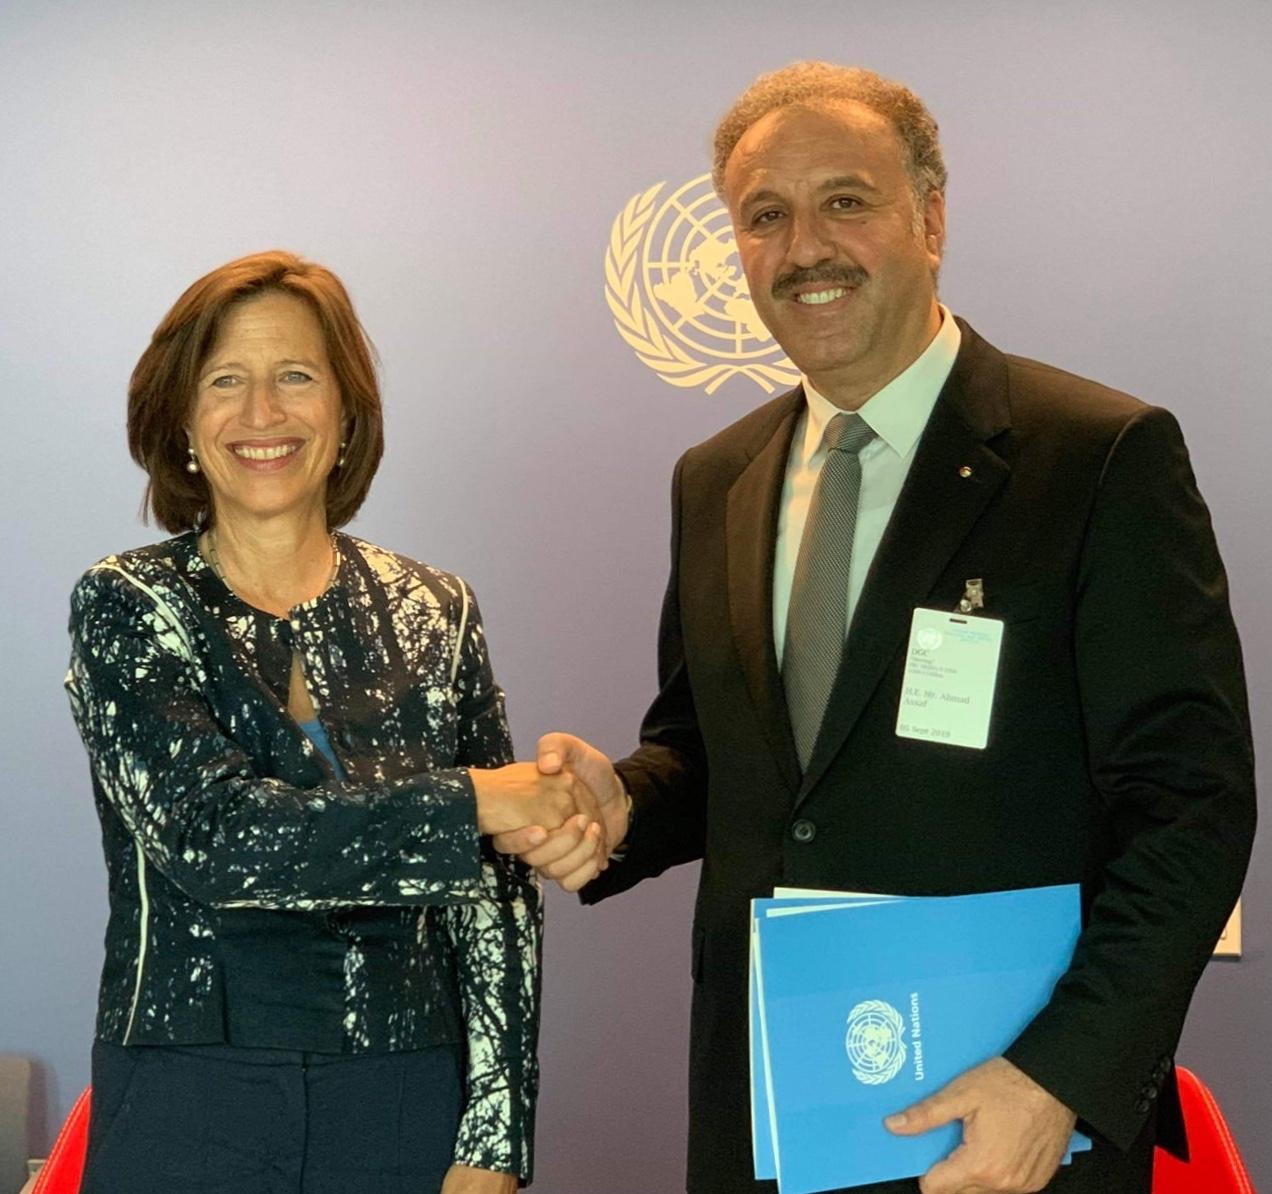 الإعلام الفلسطيني يواصل إنتصاراته الإعلامية بإتفاقية مع الأمم المتحدة